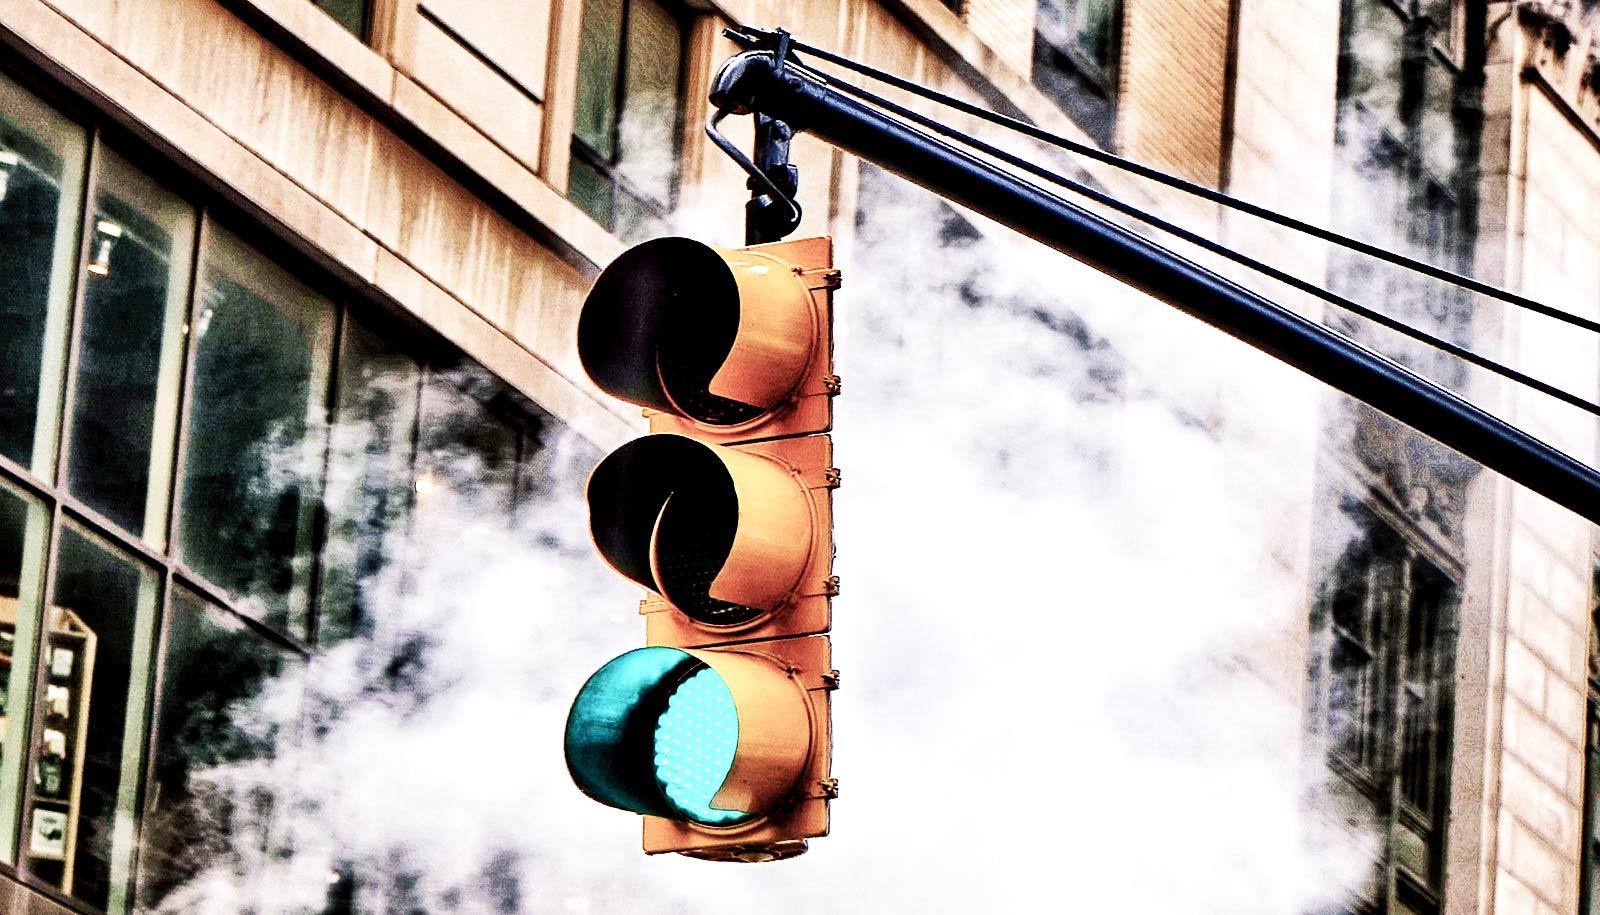 Air pollution speeds up emphysema